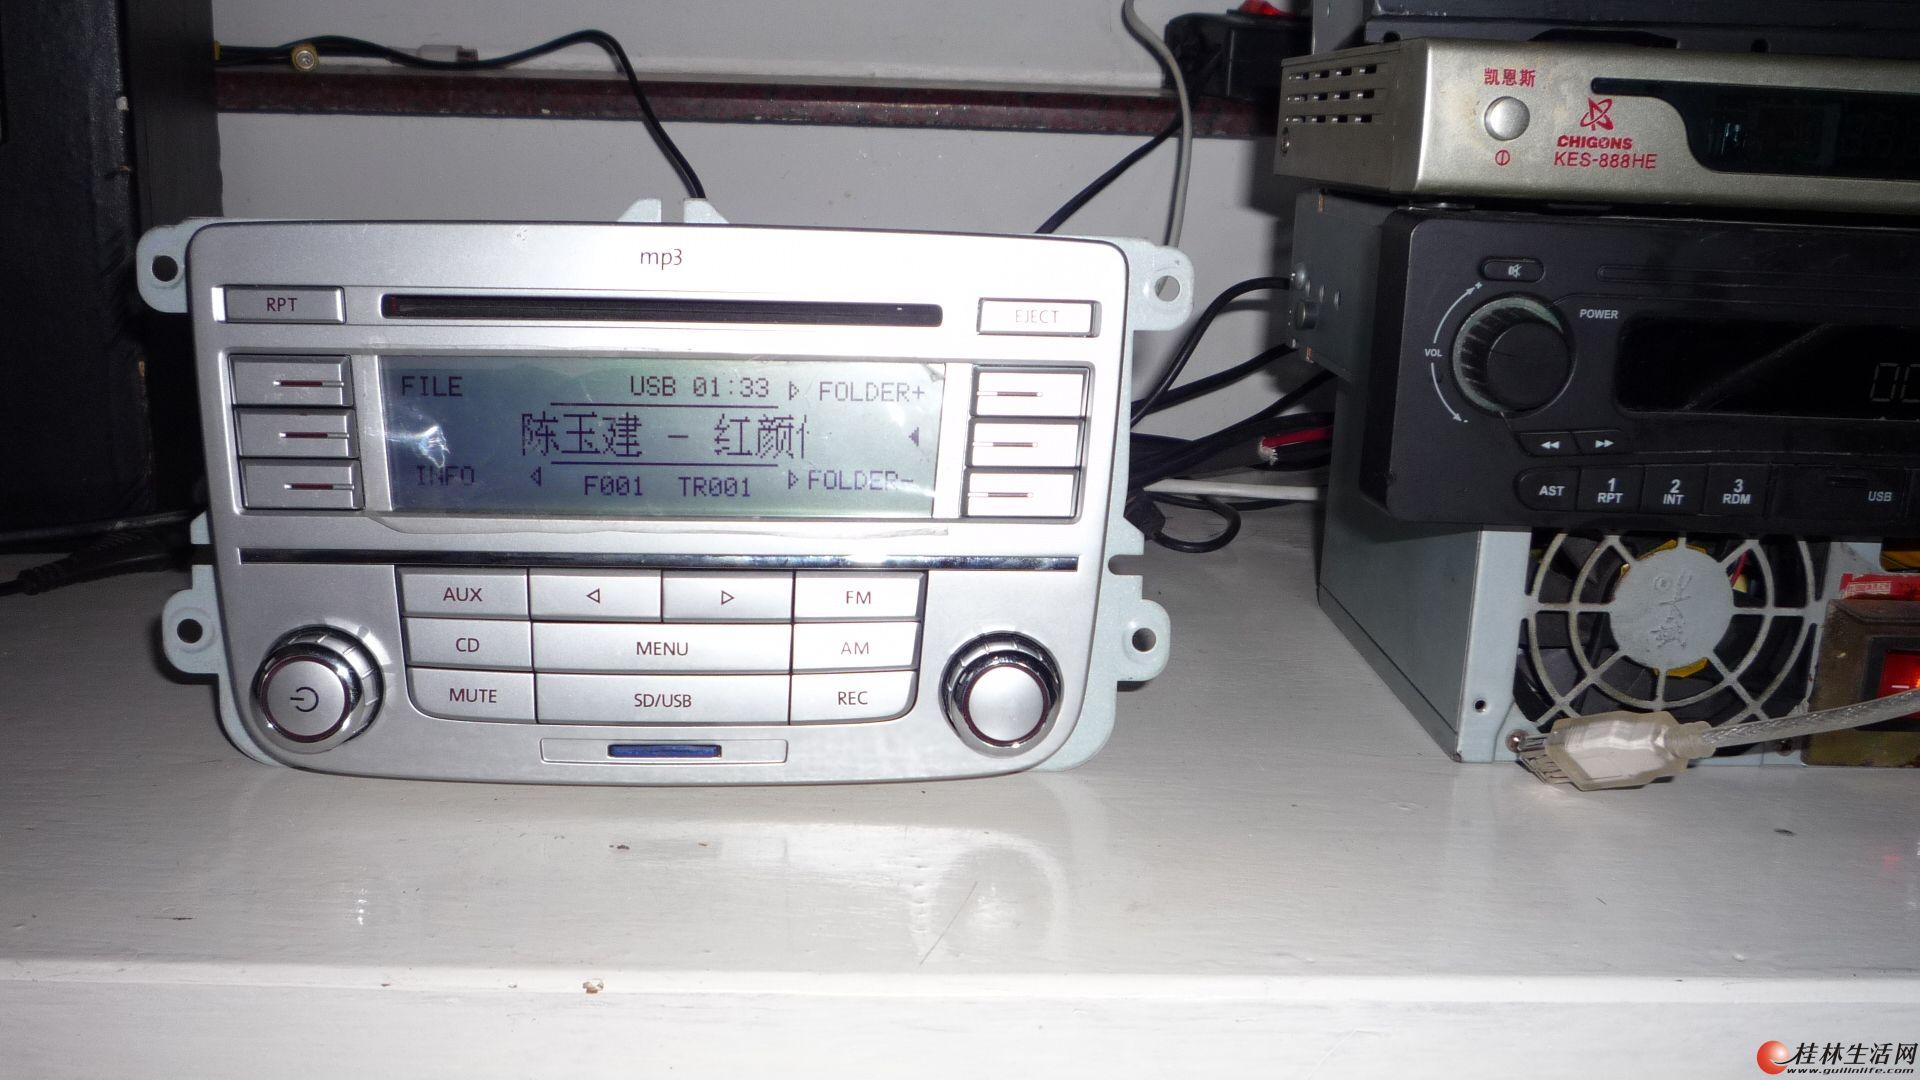 [出售] 上海大众朗逸18d 035 186a cd/mp3车载播放器 加入收藏